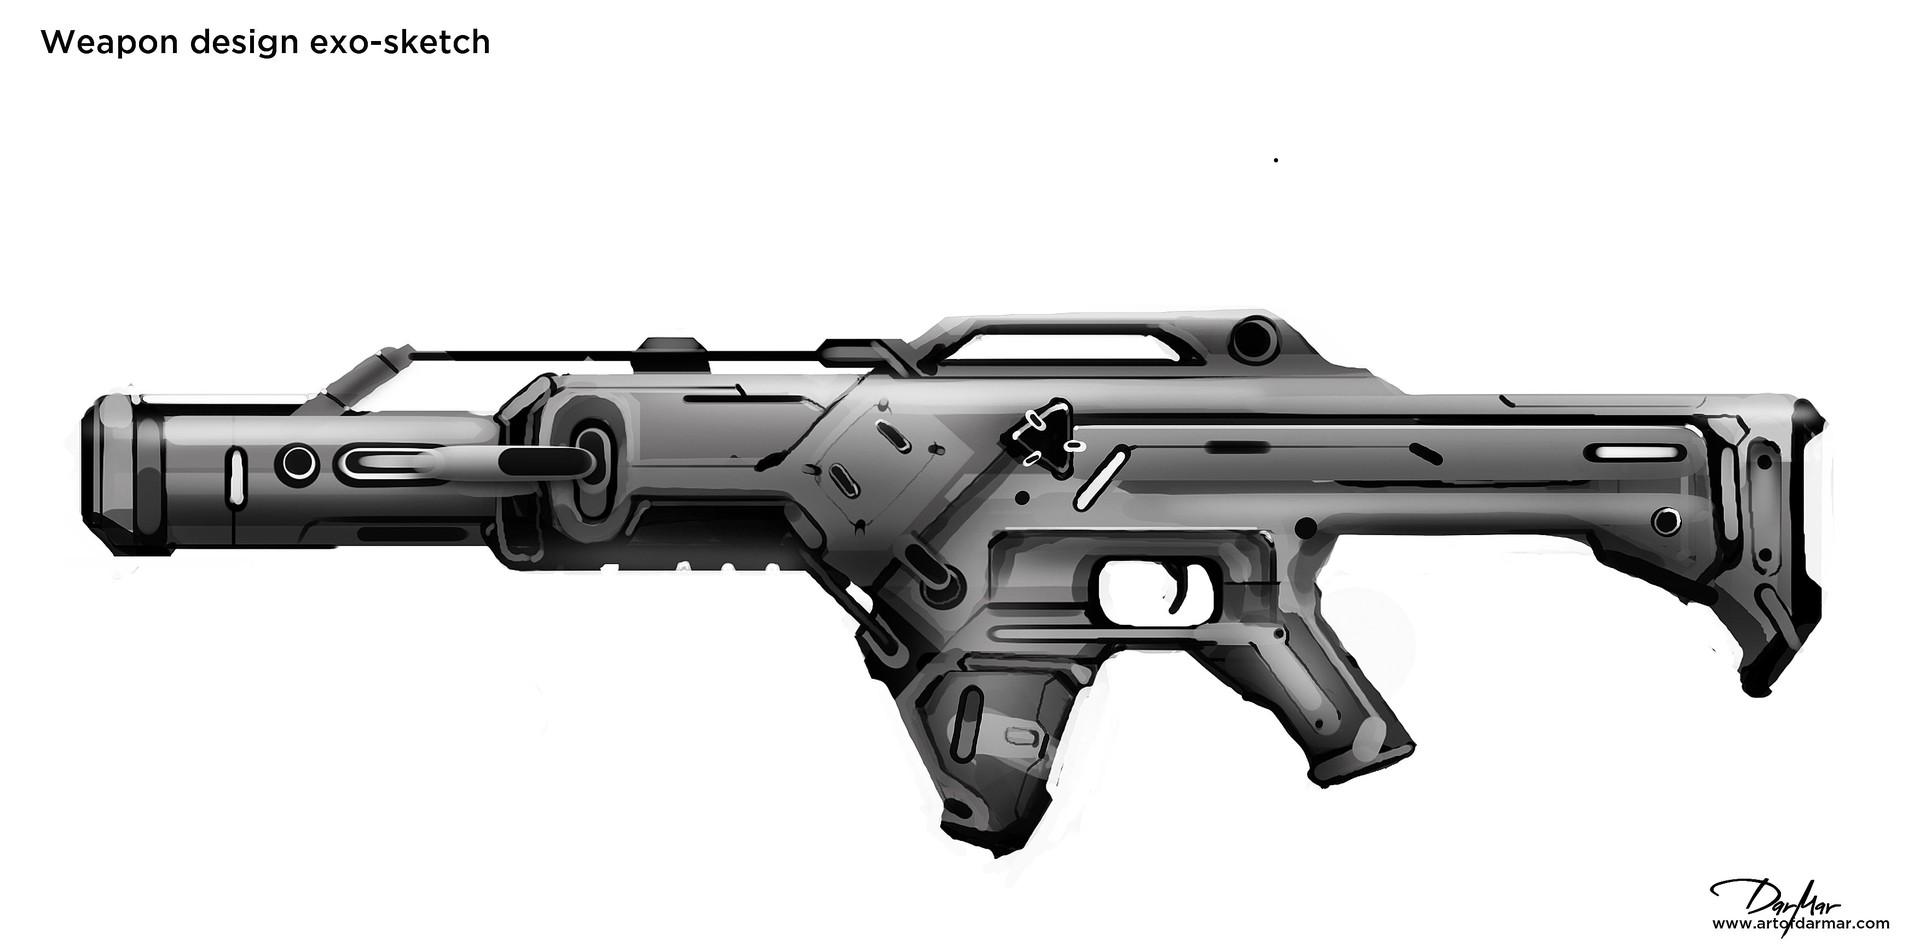 Darko markovic dar mar weapon1